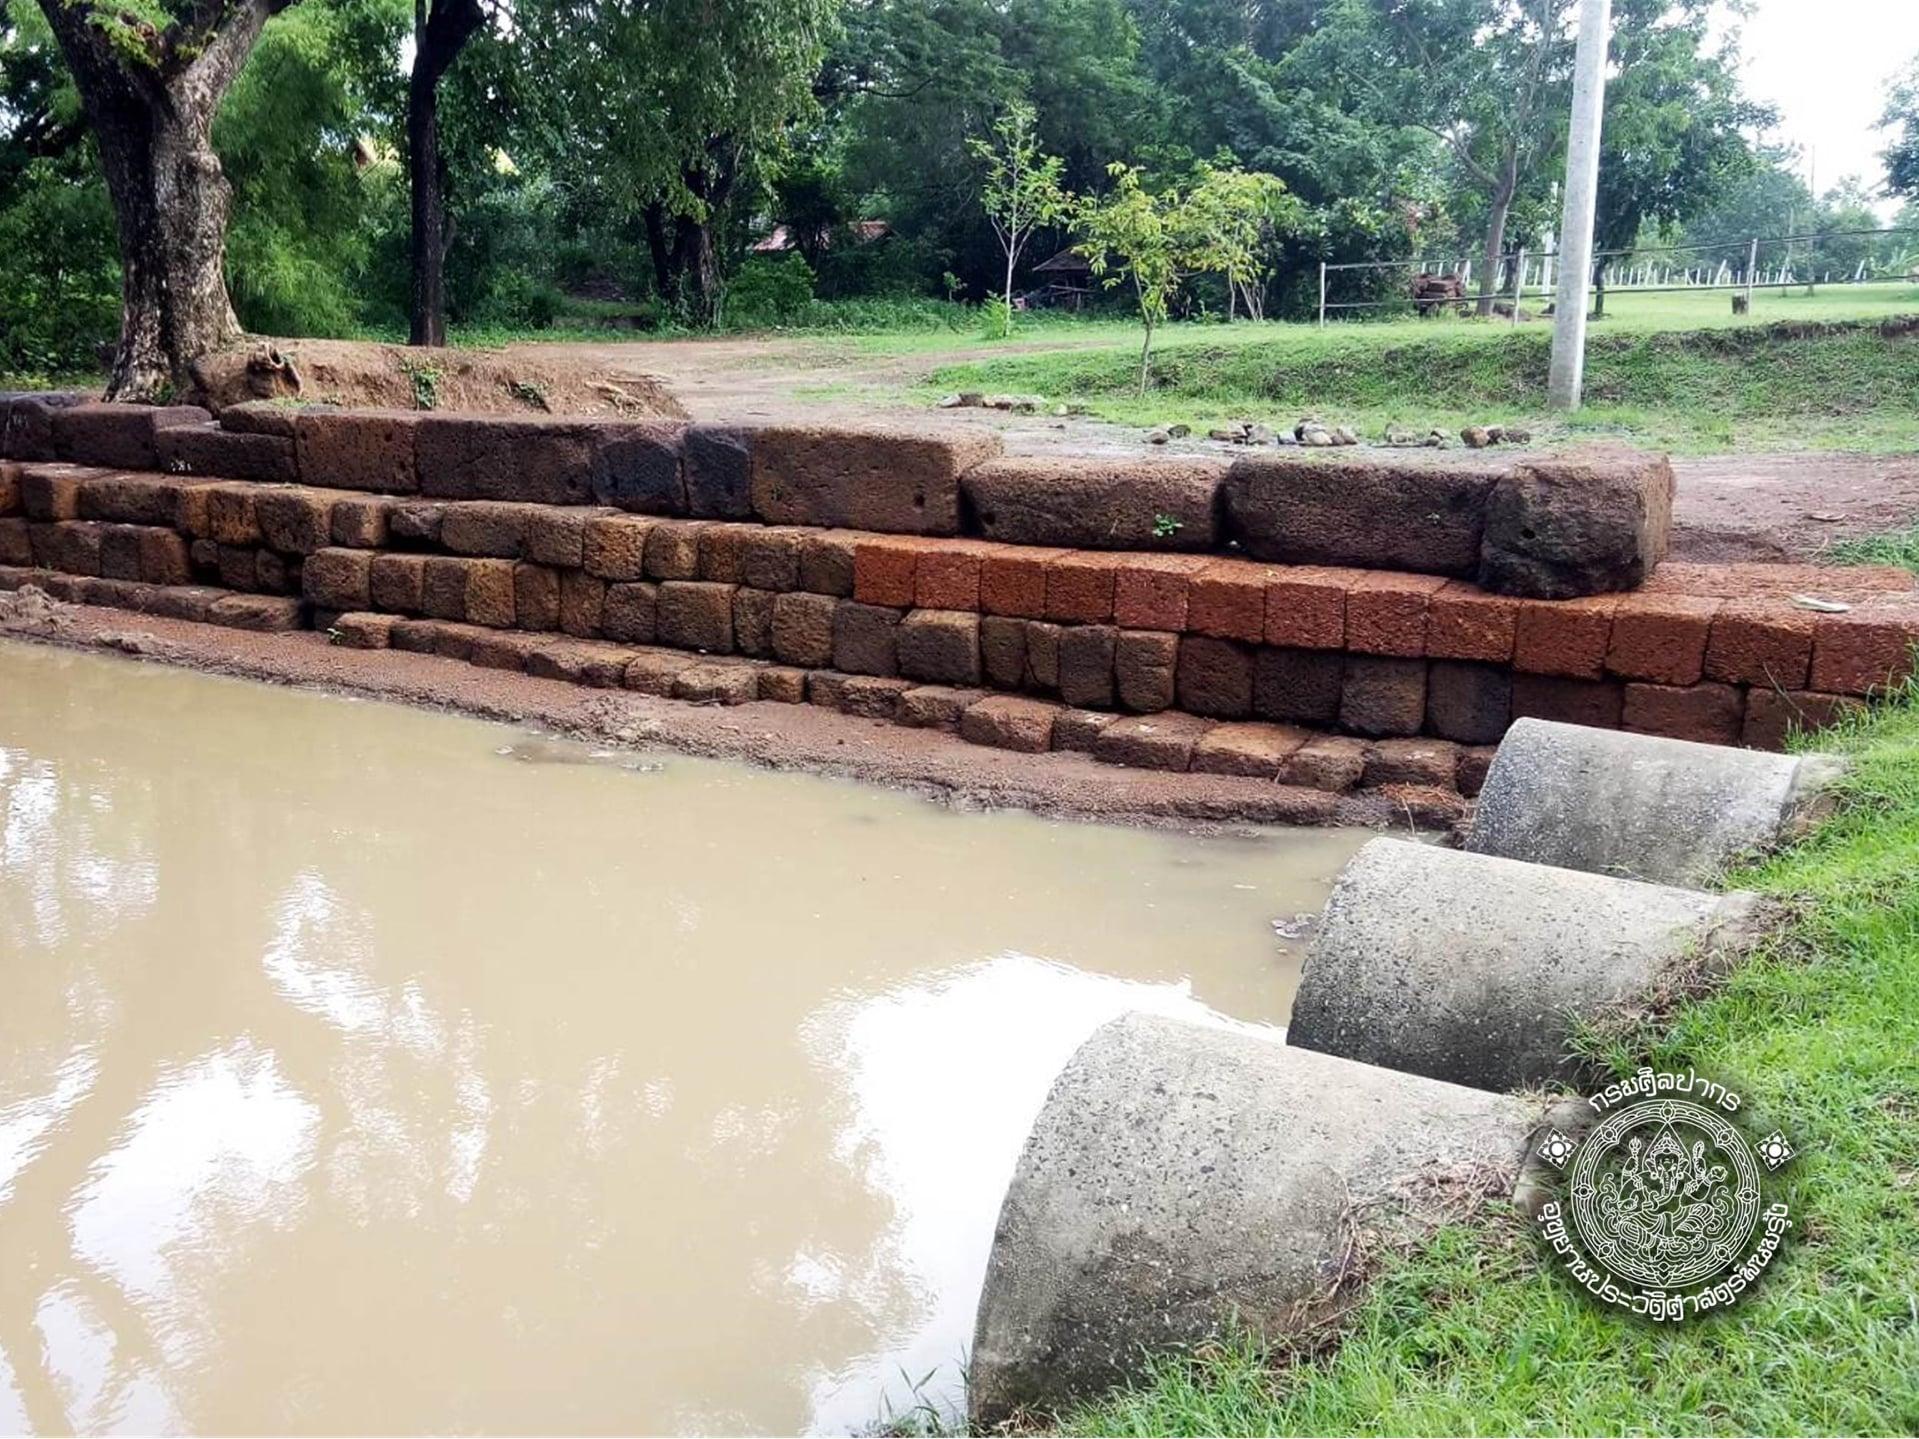 อัพเดท #โครงการบูรณะโบราณสถานสะพานขอม ต.จรเข้มาก อ.ประโคนชัย จ.บุรีรัมย์.